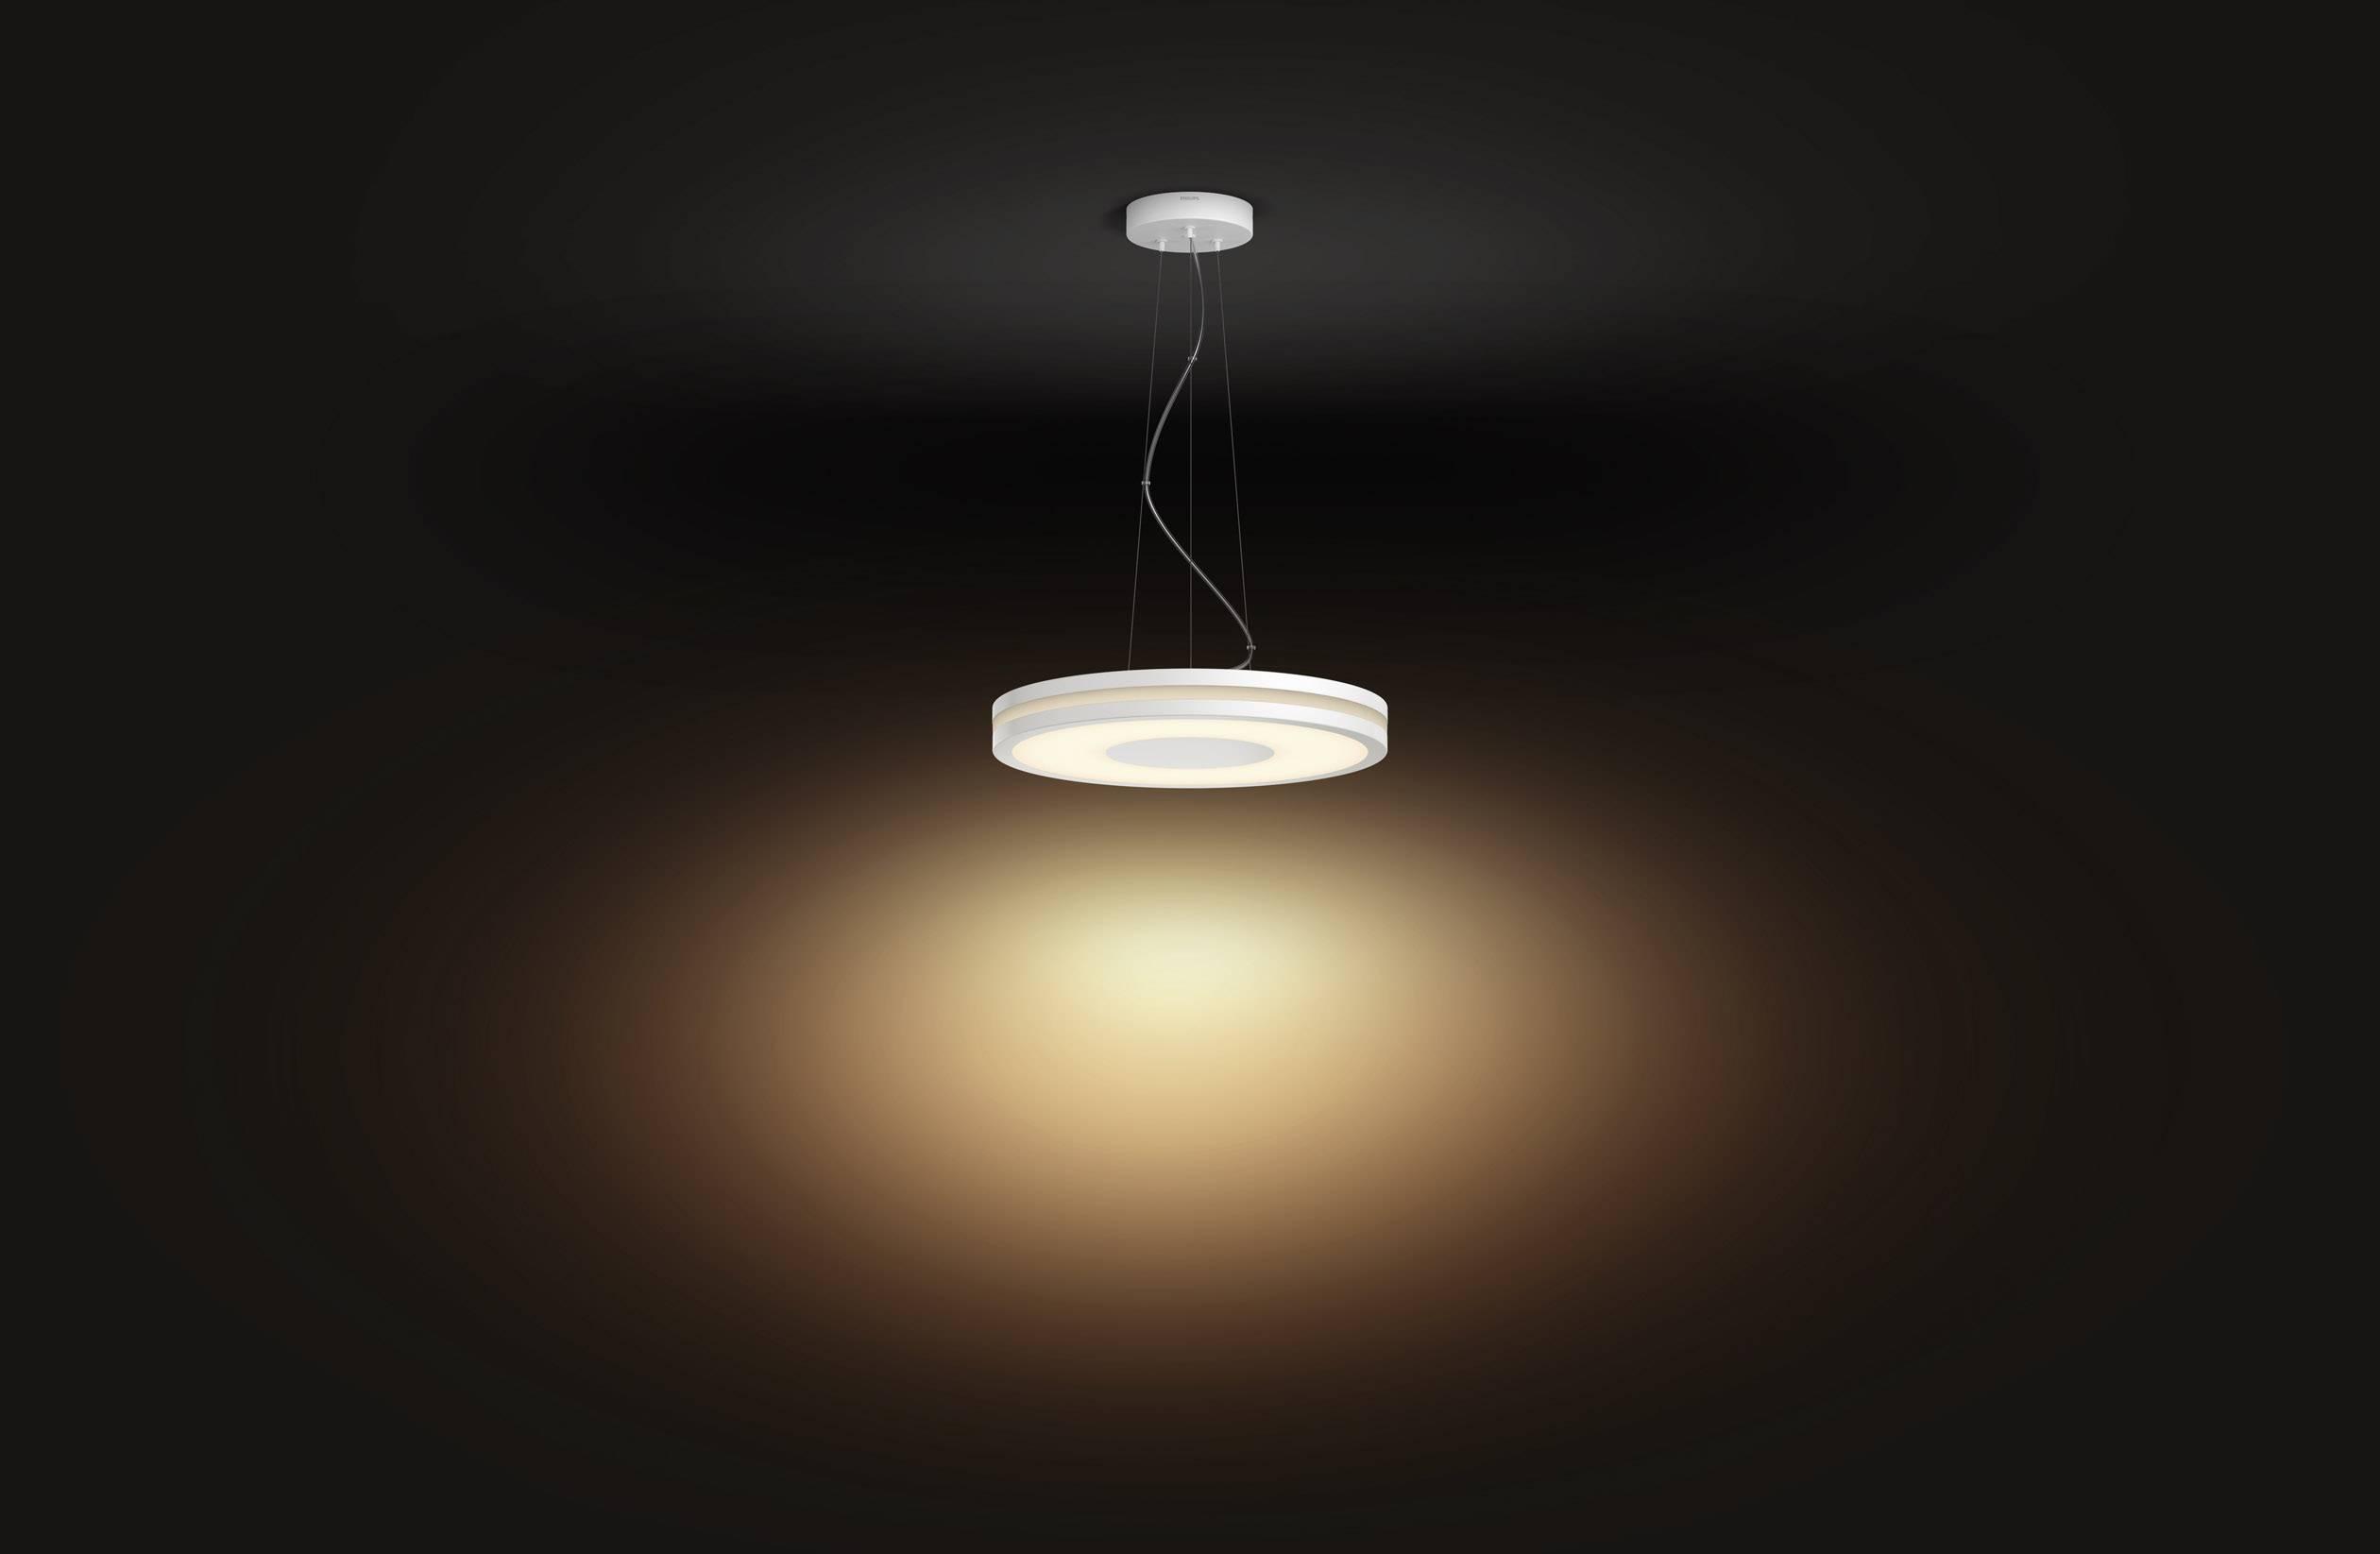 Plafoniera A Led Beign Philips Hue : Philips hue amaze lampada da tavolo a led